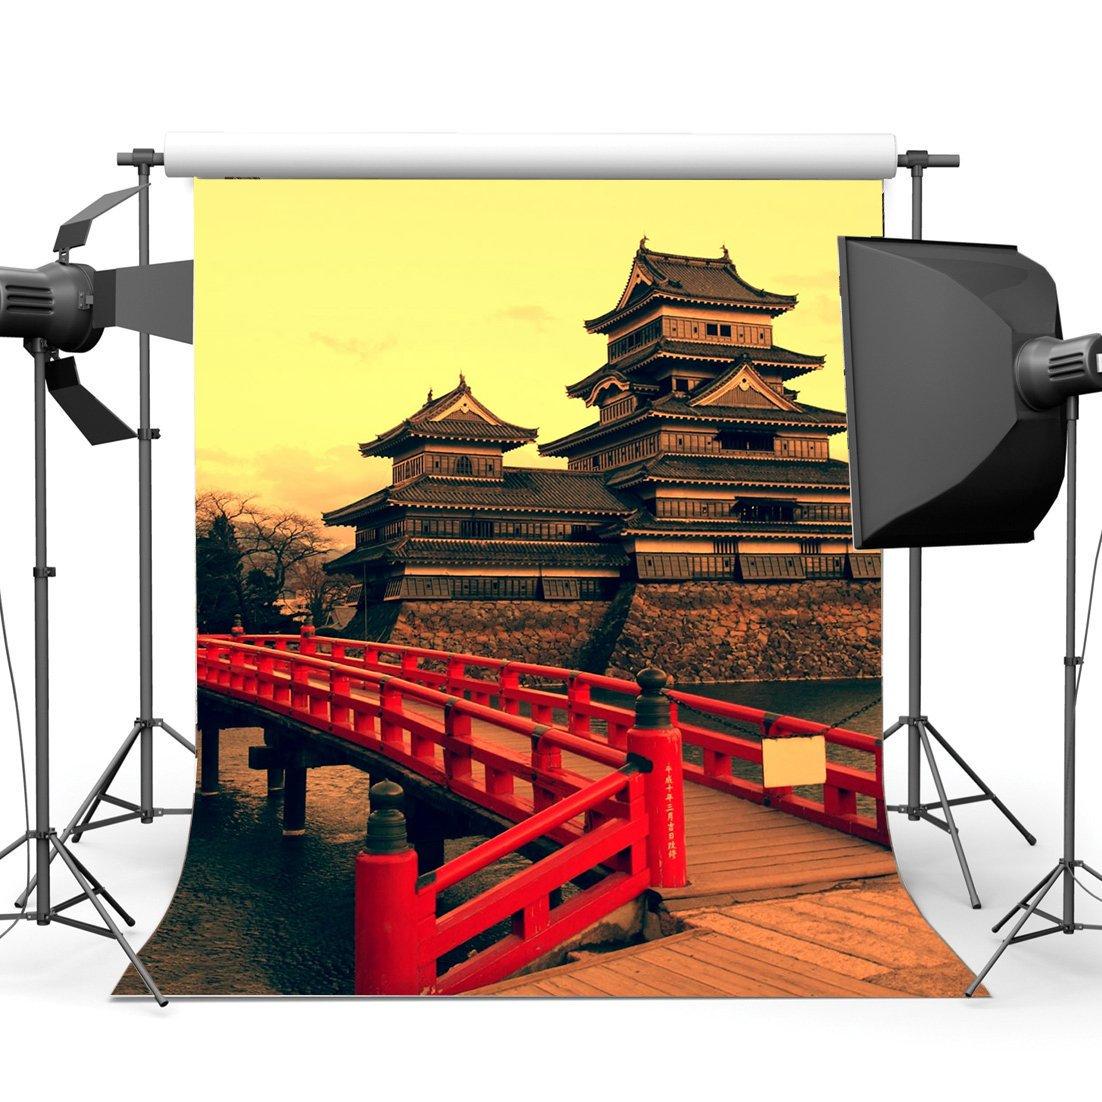 [해외]/Japanese Palace Backdrop Old Castle Backdrops Red Wood Bridge River Historic Culture Outdoor Journey Background